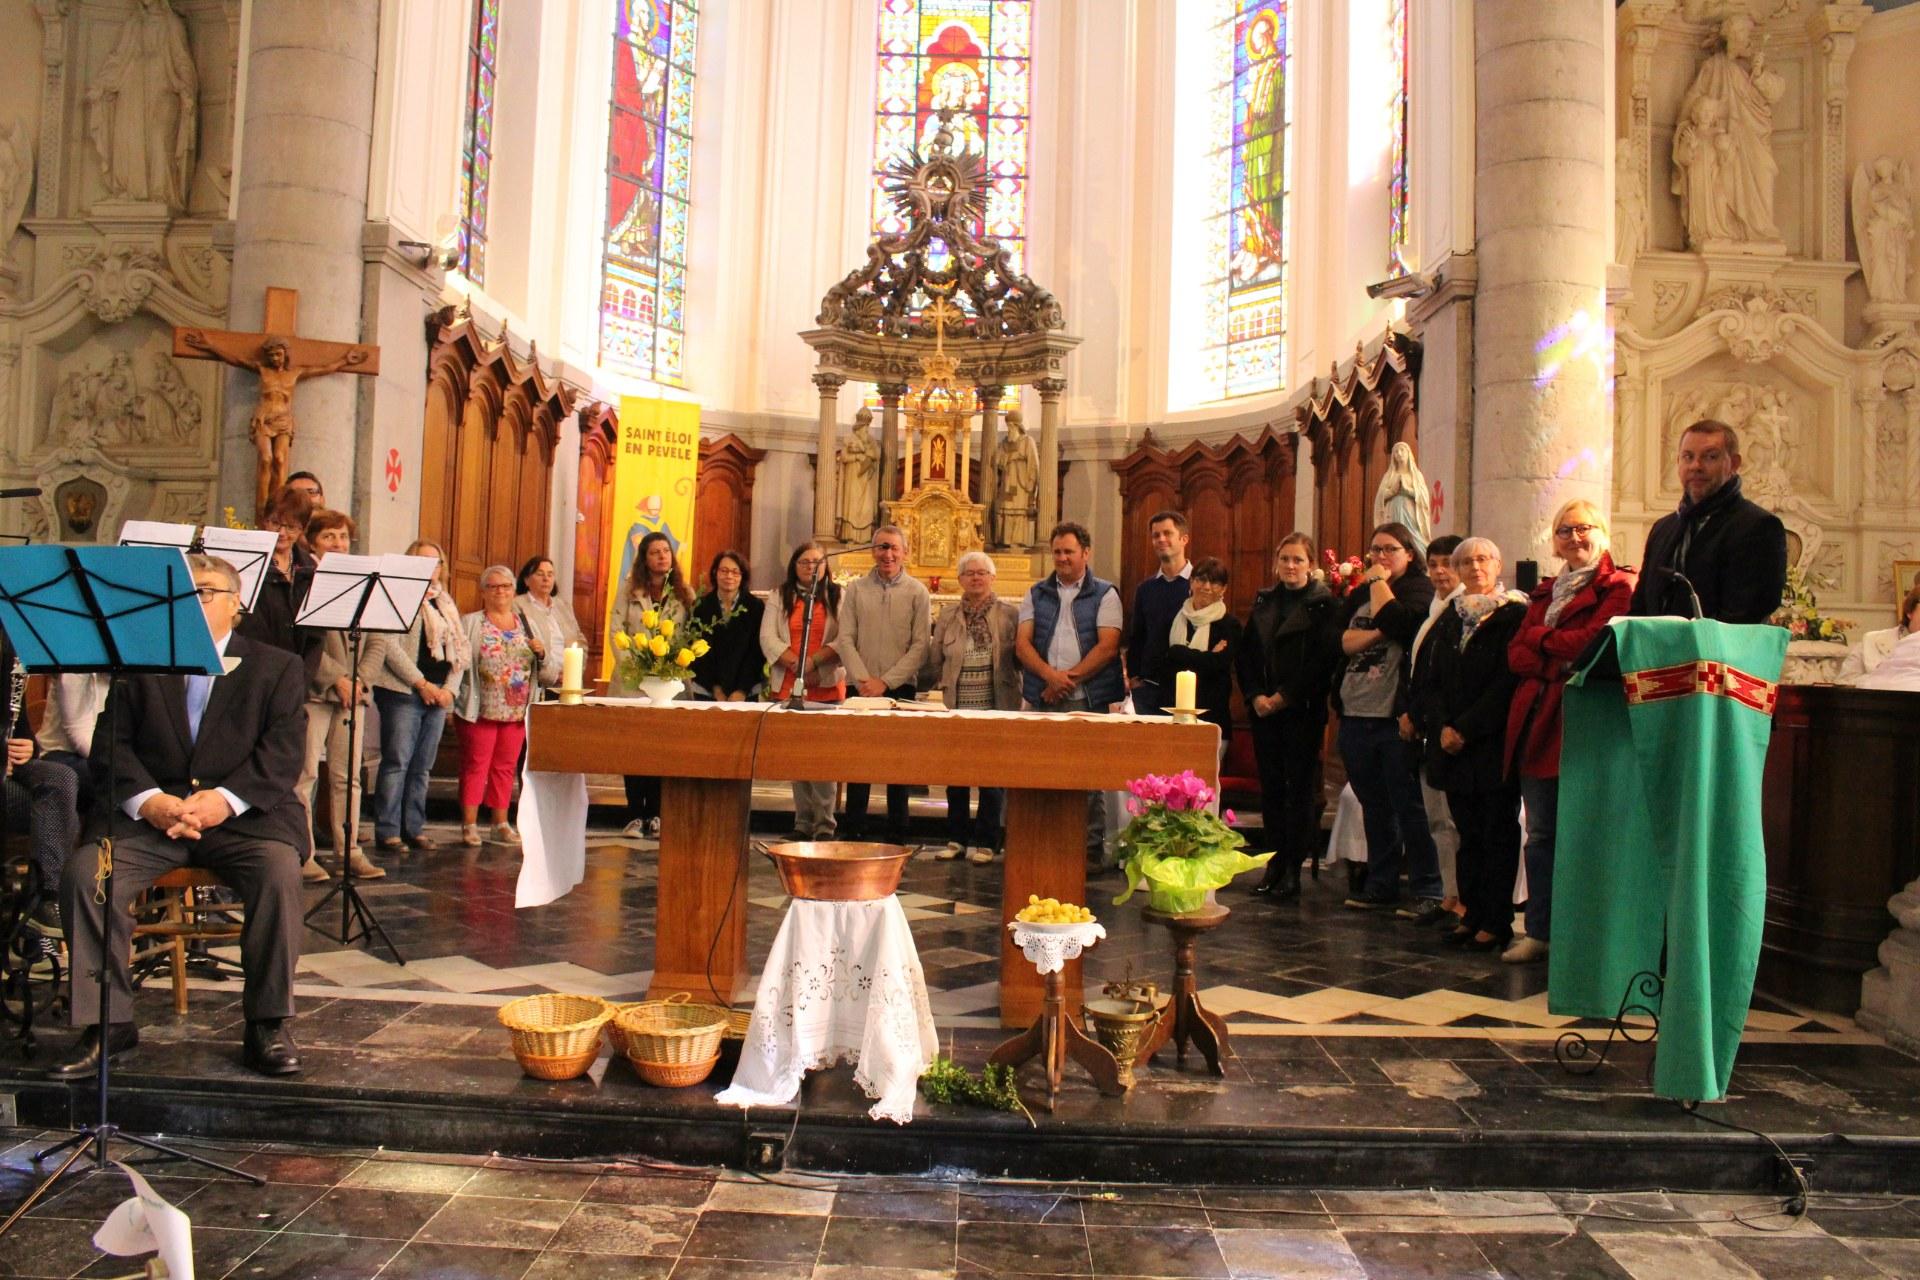 l'abbé invite les catéchistes ....